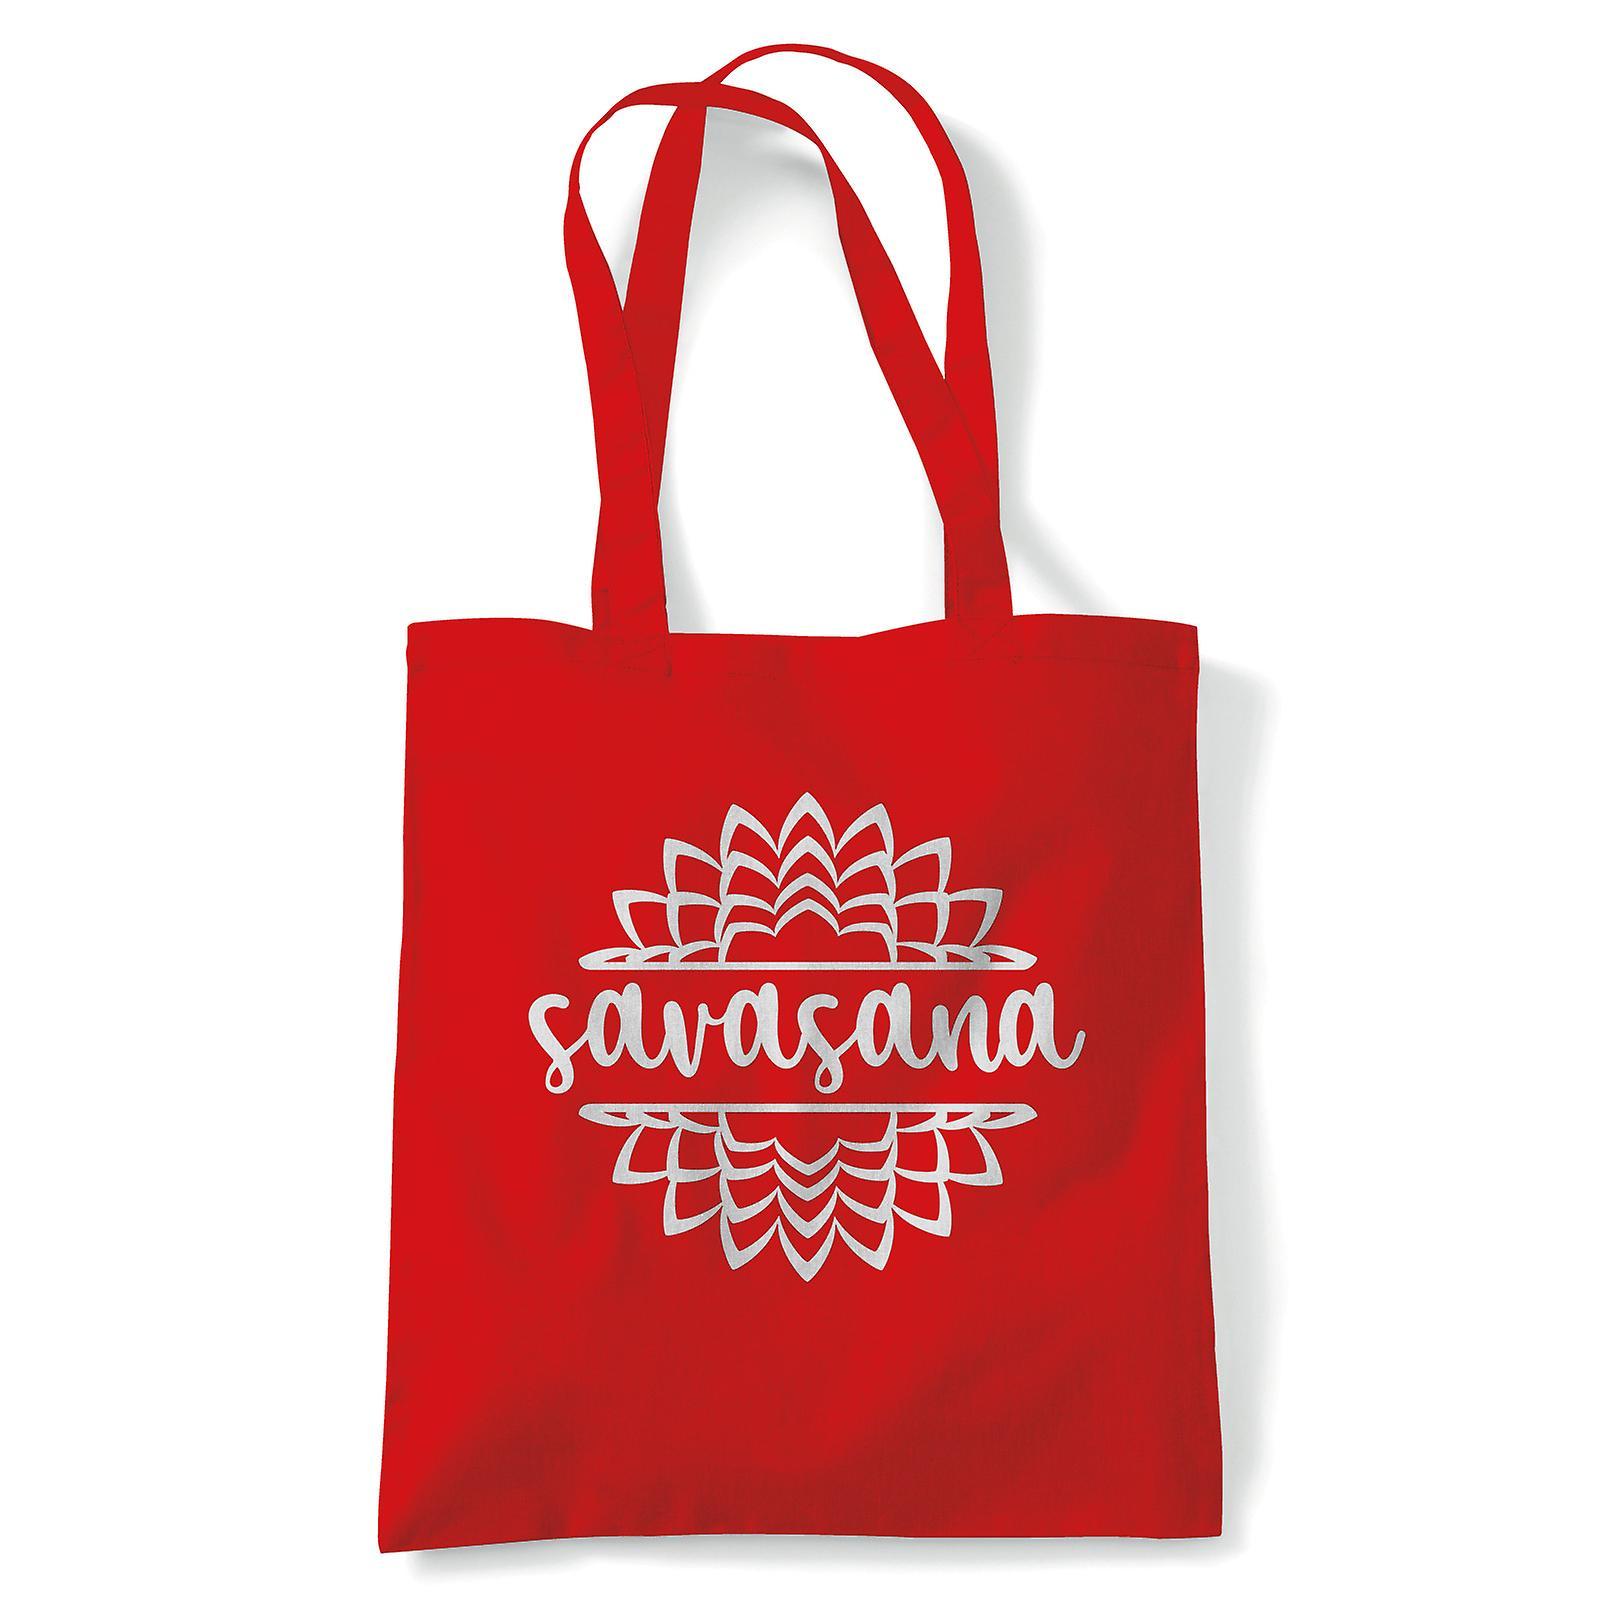 Savasana, Tote - Yoga Reusable Canvas Bag Gift | Fruugo US